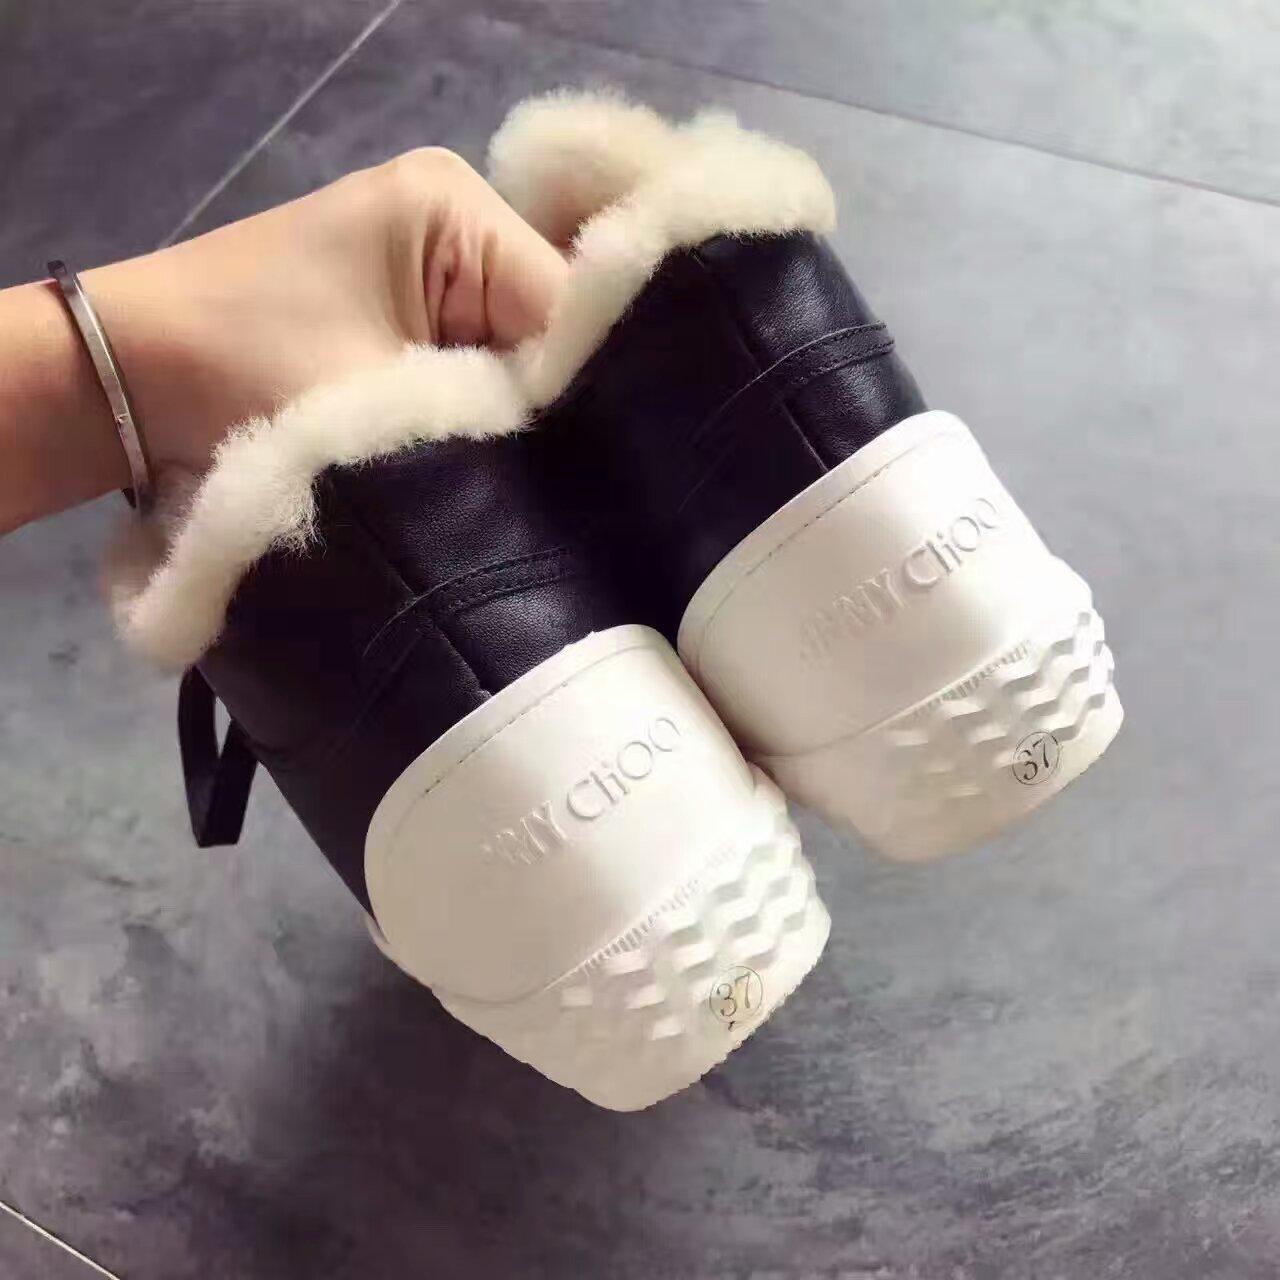 JIMMYCHOO 雪地靴!高端品质 牛皮与帆布拼接 全羊毛里